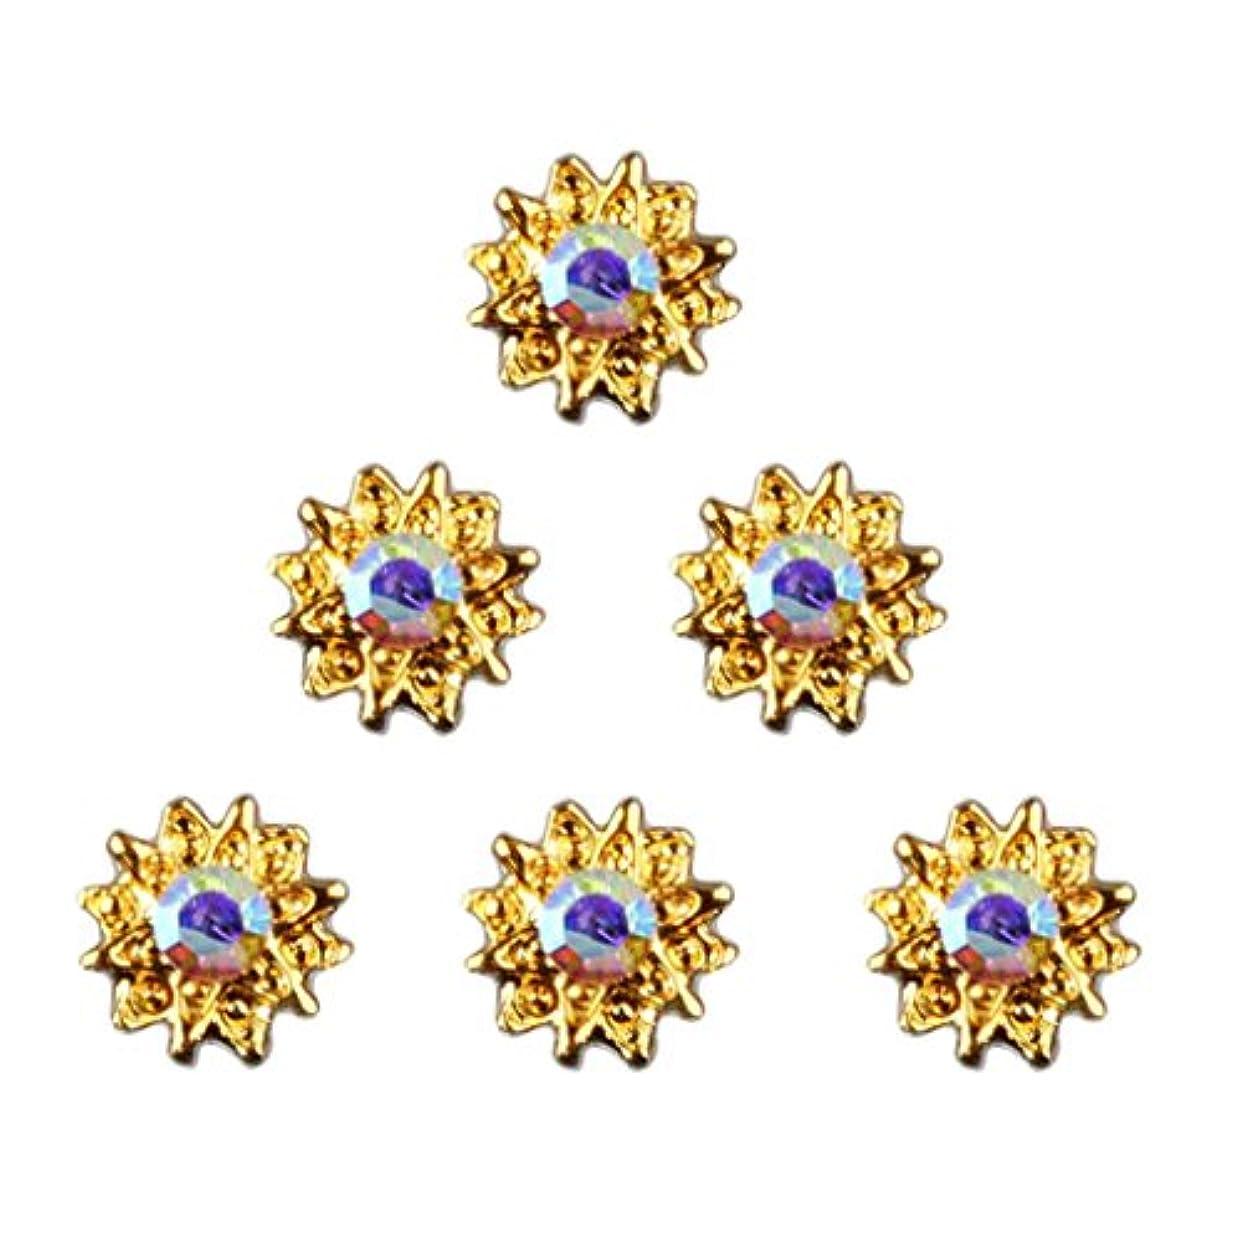 事件、出来事なしで通りBaosity ネイル ネイルデザイン ダイヤモンド 約50個 3Dネイルアート ヒントステッカー デコレーション おしゃれ 全8タイプ選べ - 5